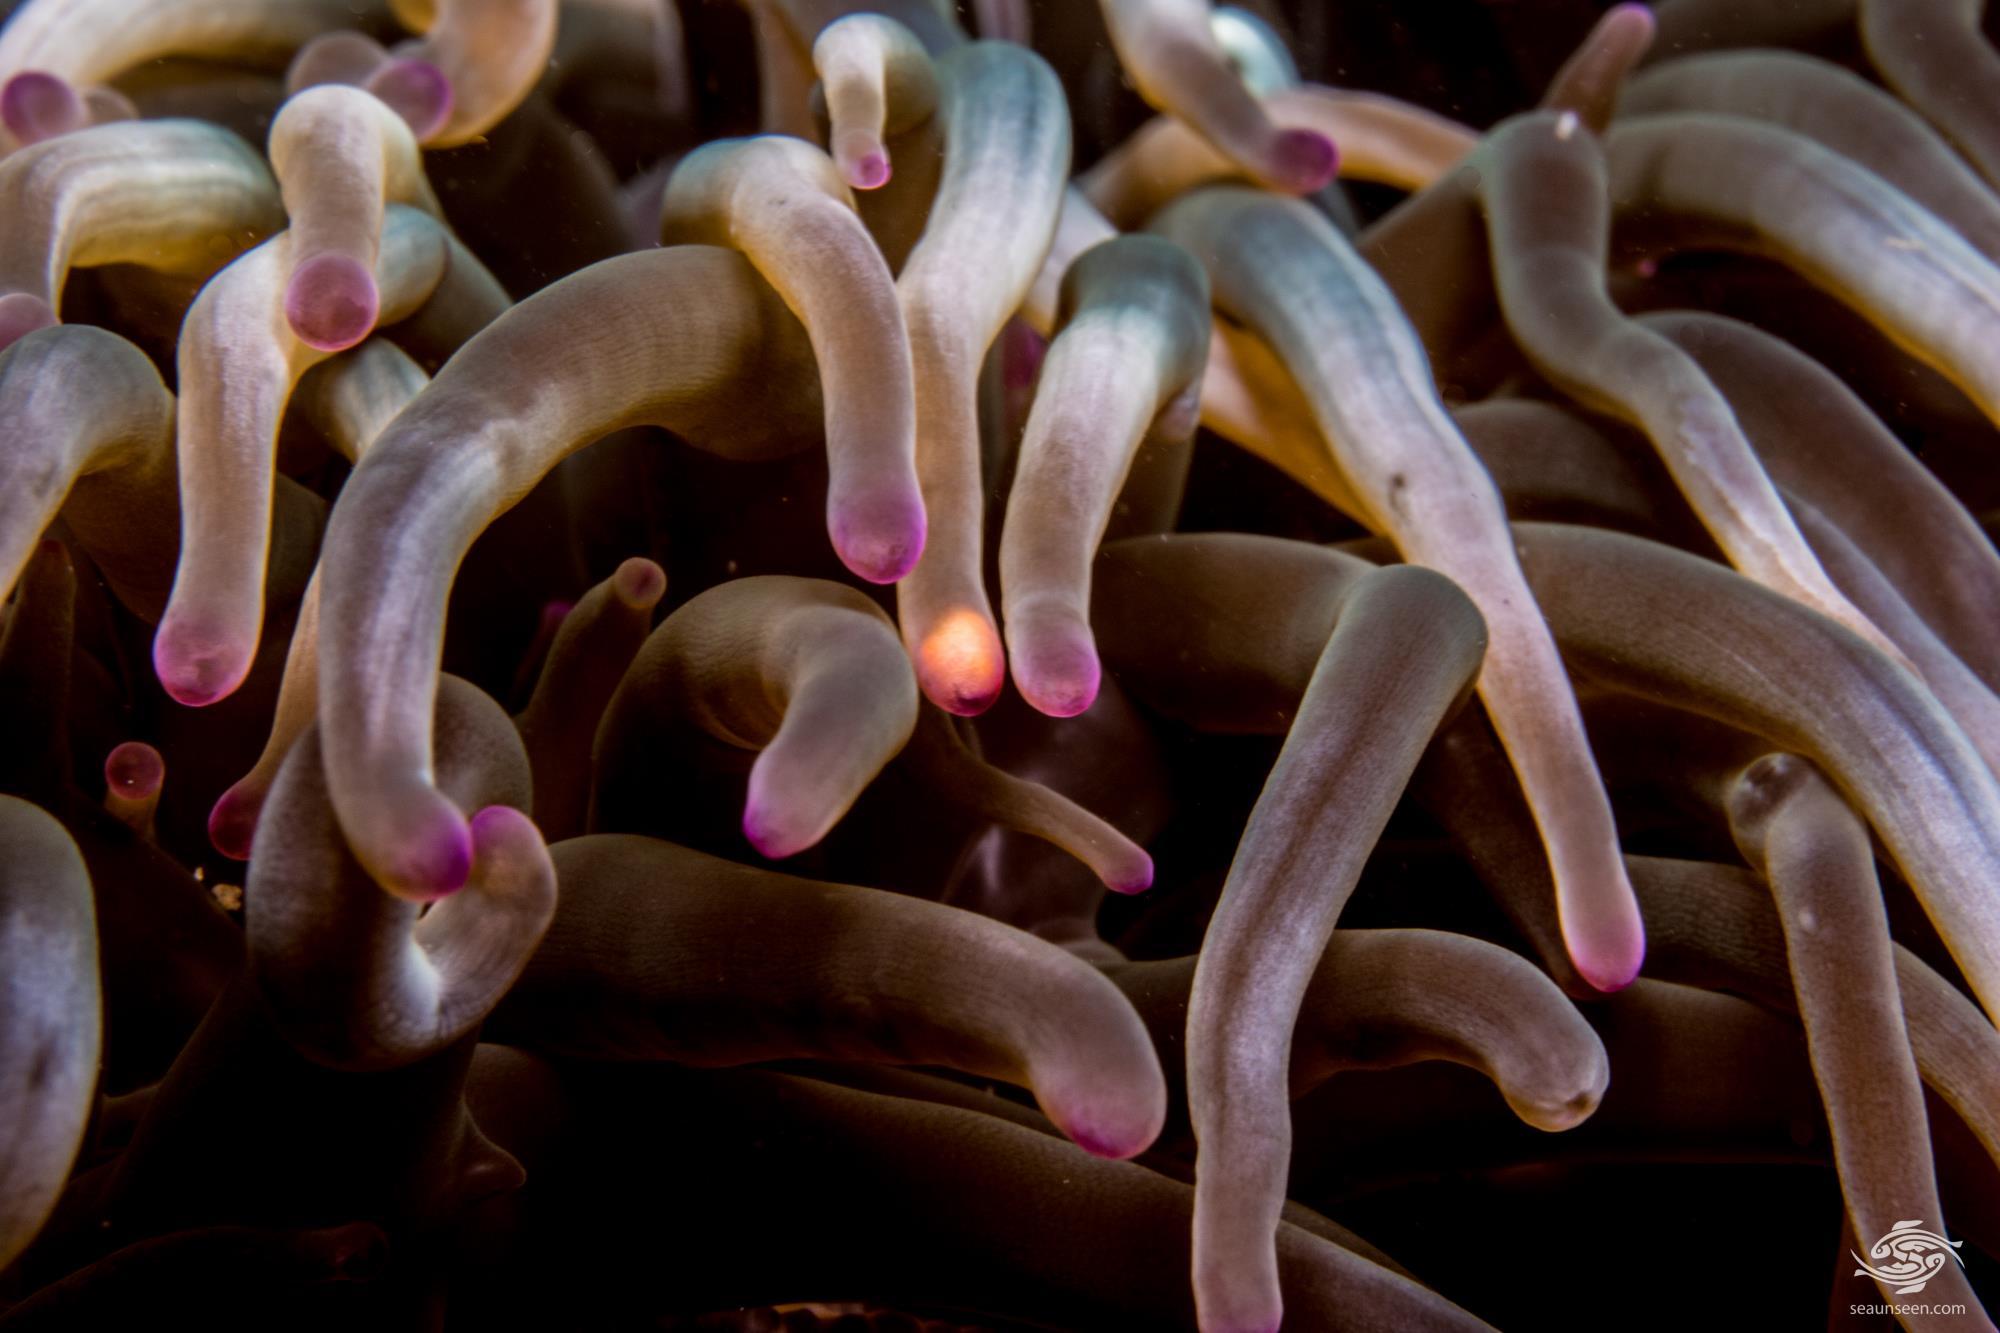 Bubble Tip Anemone (entacmaea quadricolor) tips of long tentacle specimen